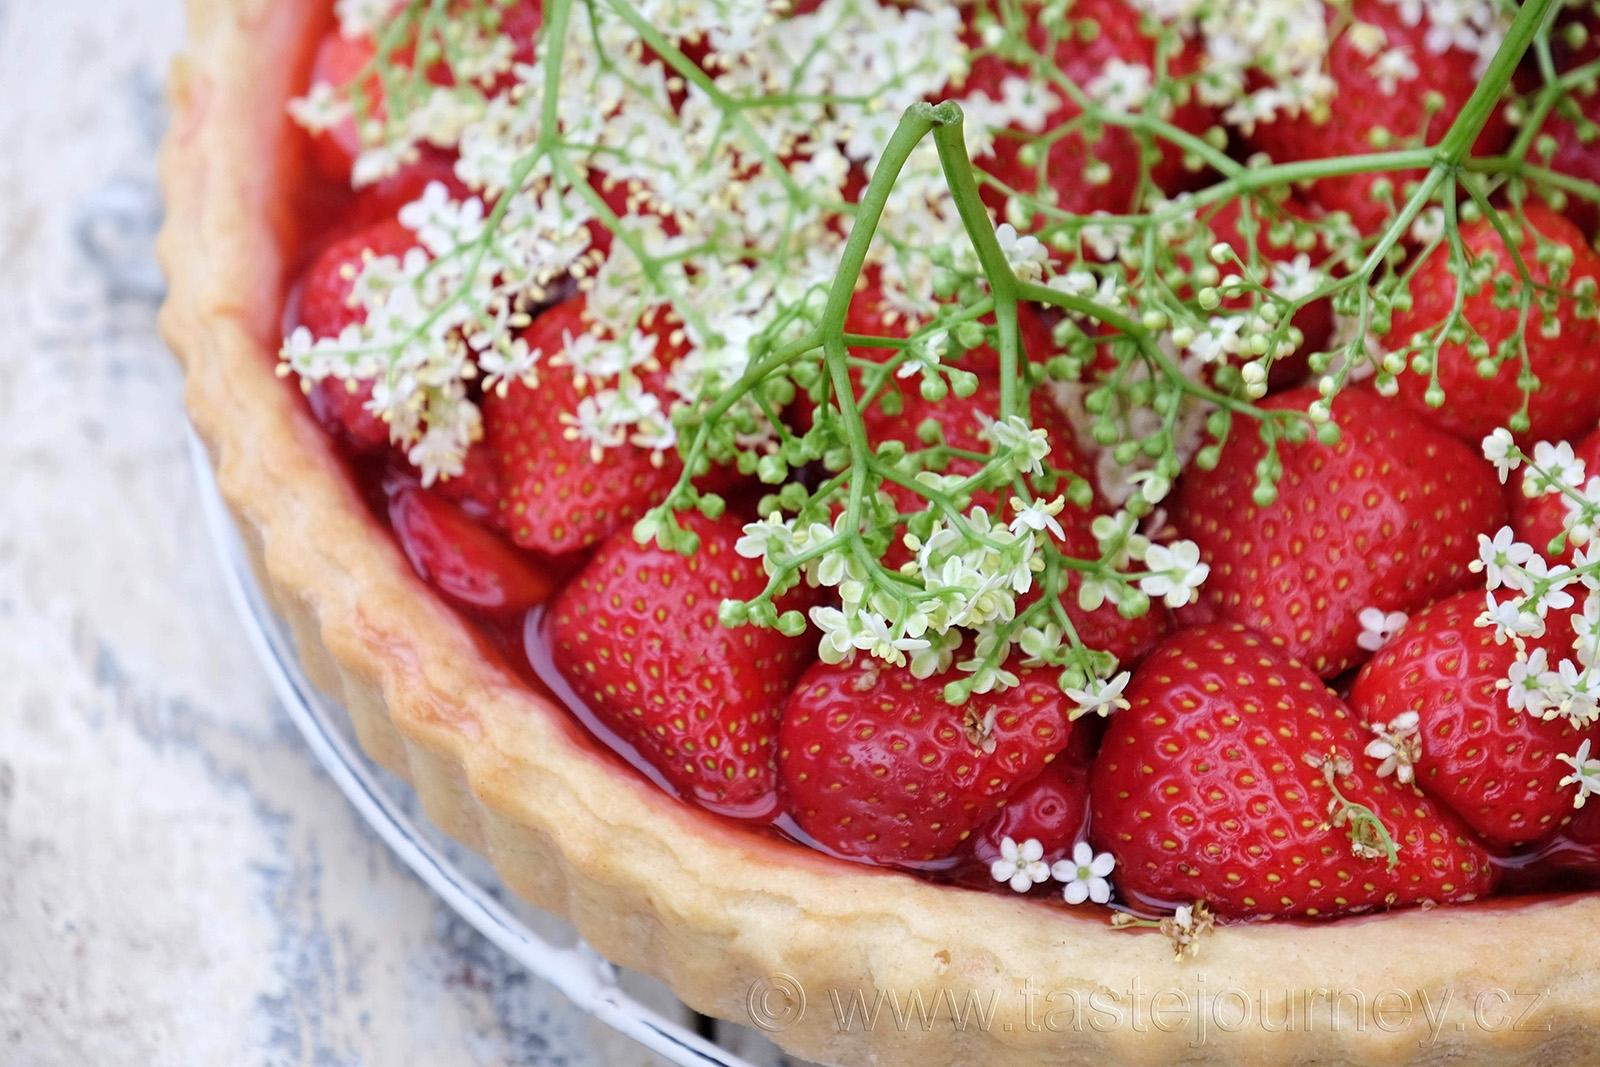 Křehké sladké těsto s jahodami a bezinkami tvoří dokonalé spojení